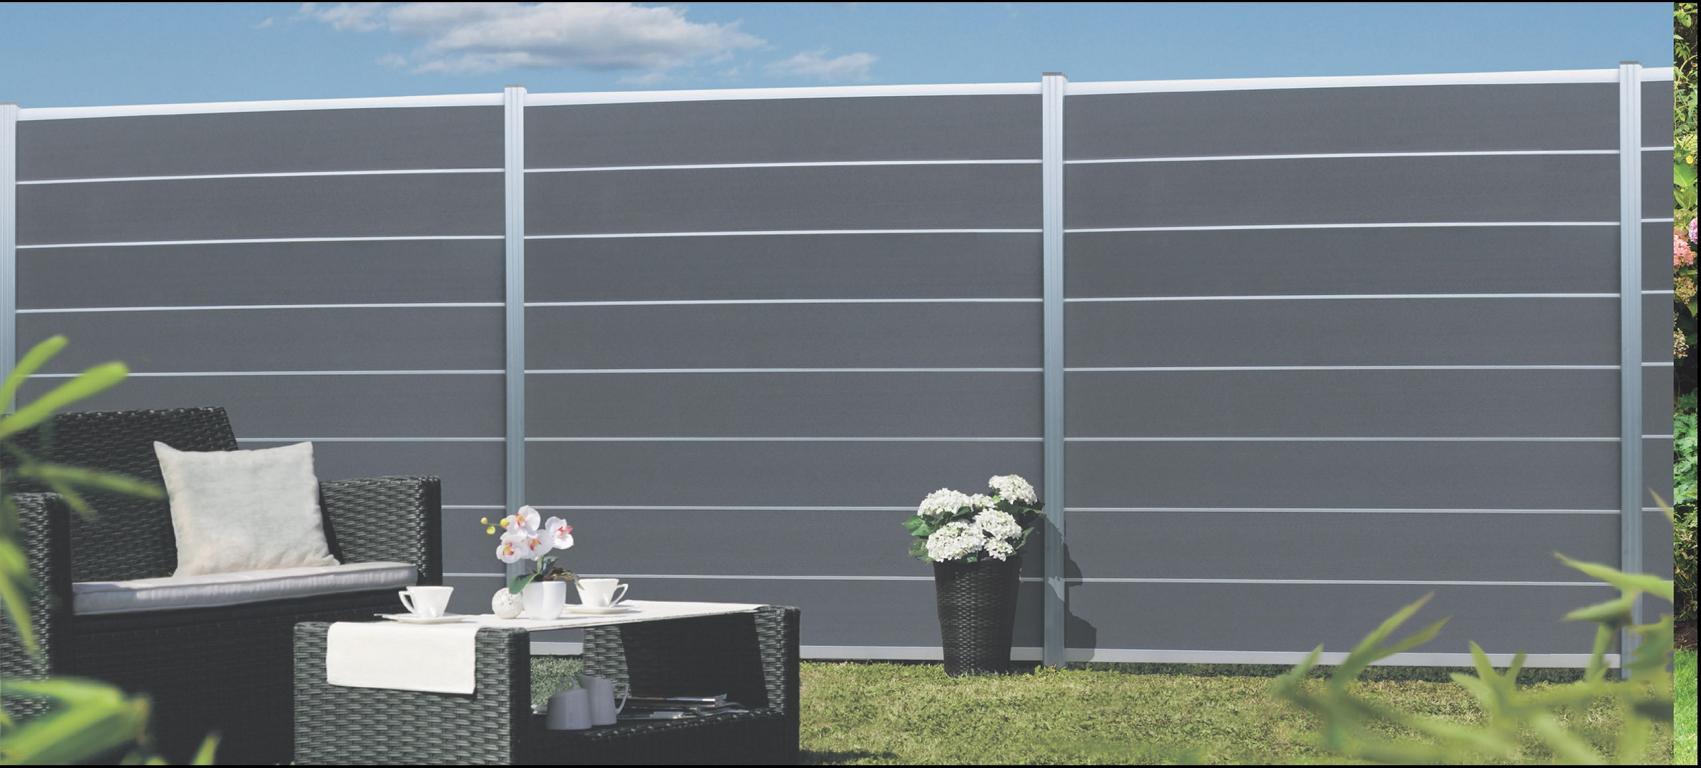 Sichtschutzzaun WPC Serie NORDERNEY Stecksystem